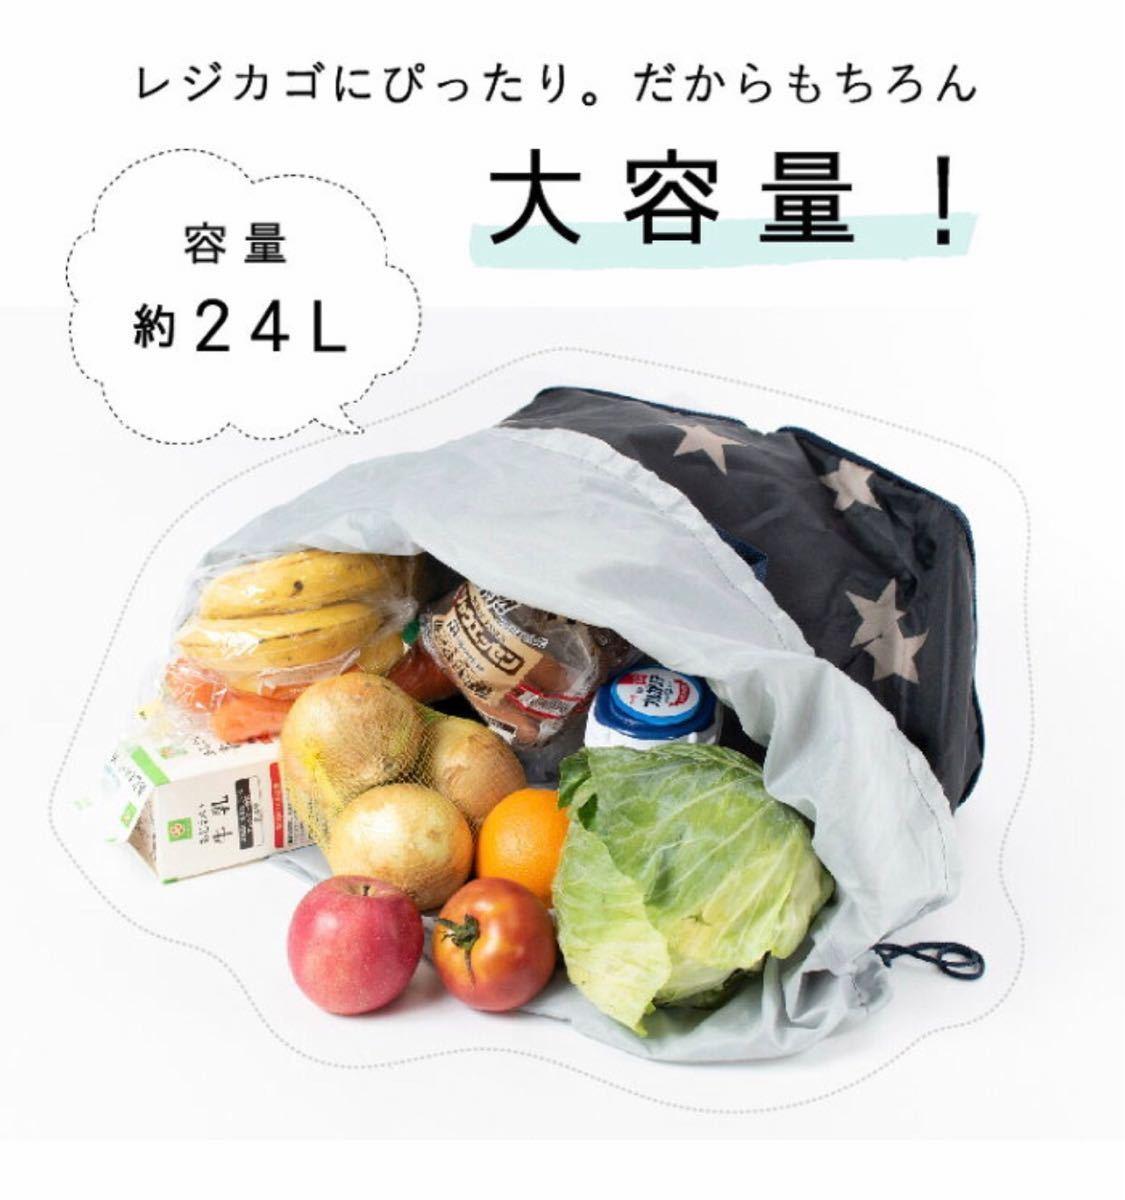 レジかごバッグ保冷保温 エコバッグ レジカゴバッグ大容量折り畳み レッド柄限定